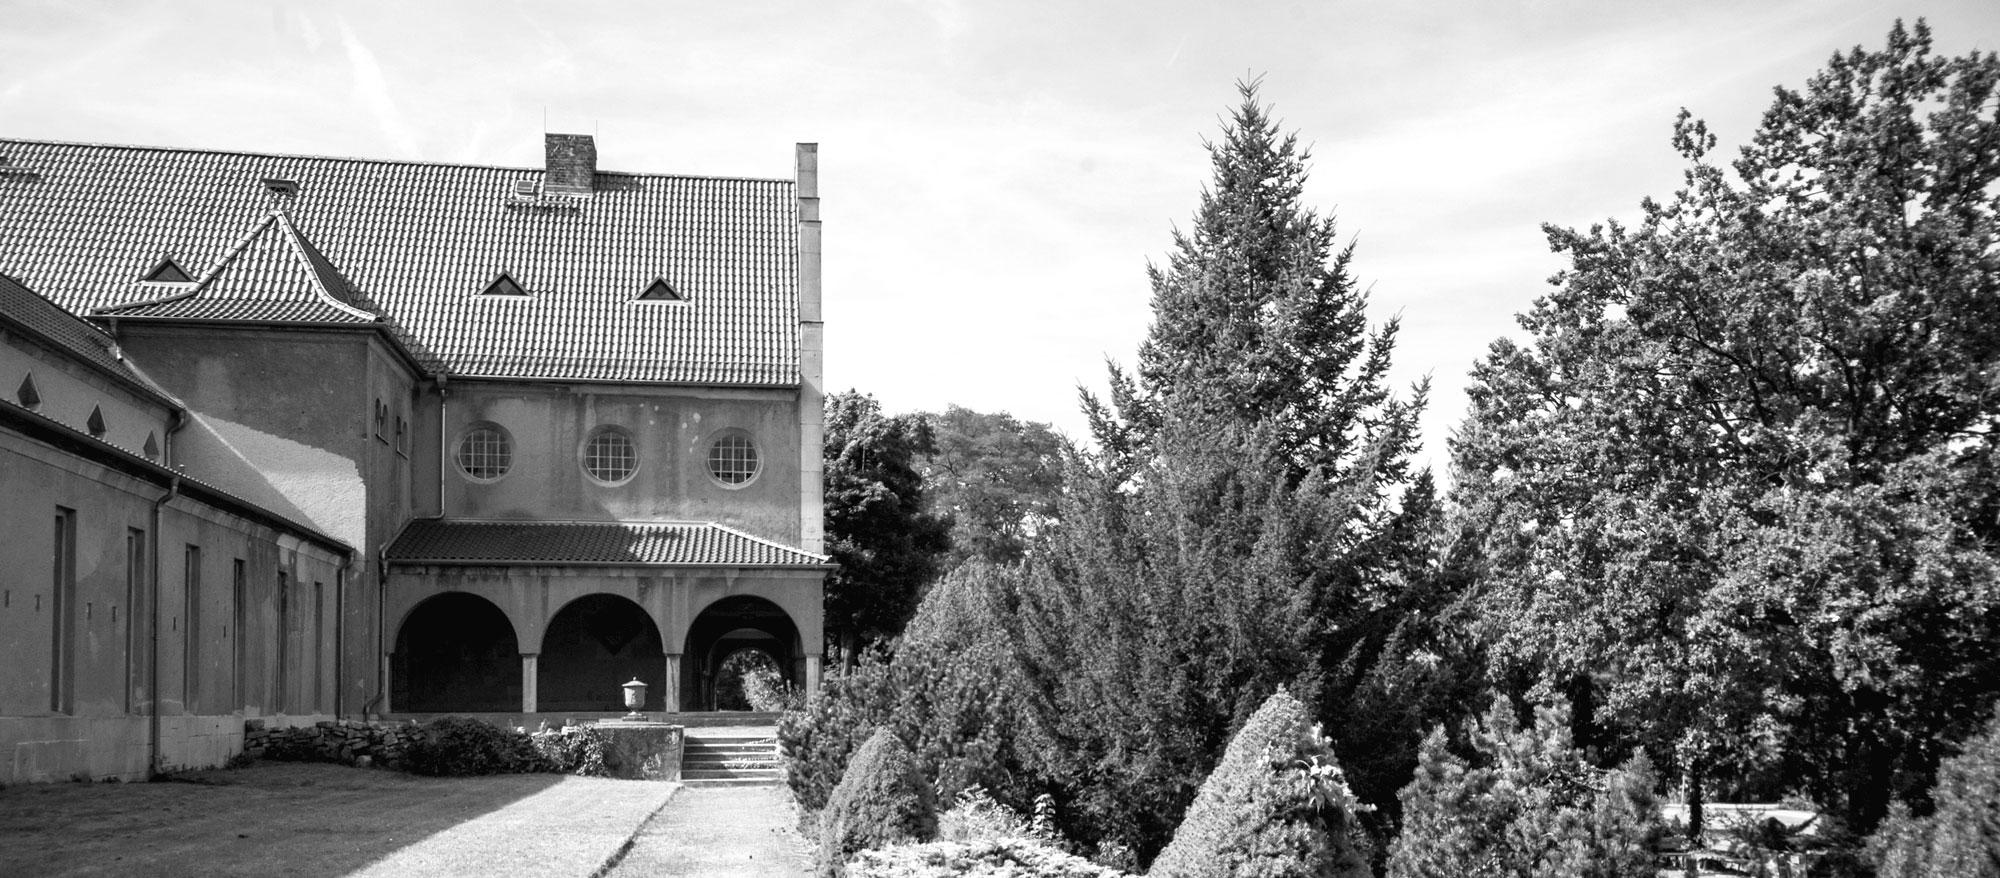 CremTec Sanierung Feuerbestattungen Brandenburg